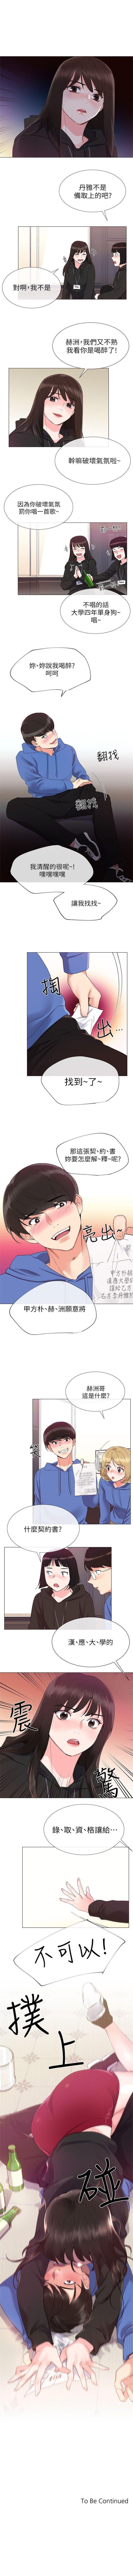 重考生 1-44 中文翻译(更新中) 43